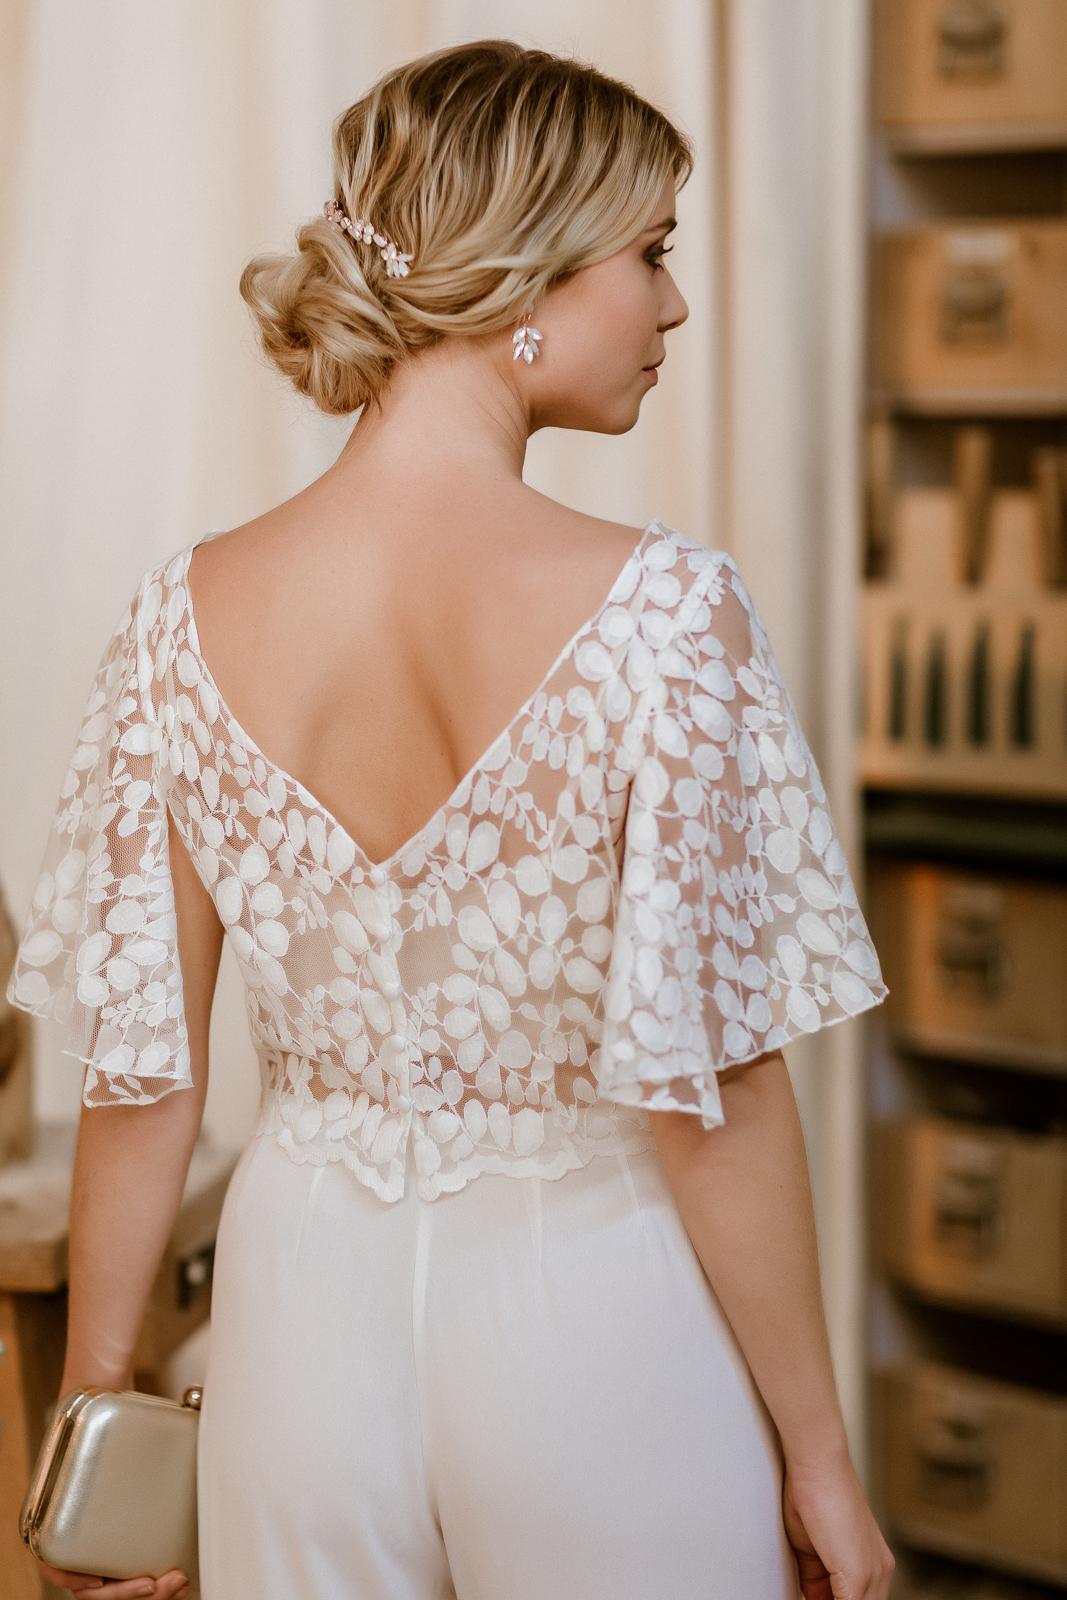 noni Jubiläumskollektion | Brauthose und kurzes Spitzentop mit Flügelärmeln und Rückenausschnitt für zweiteiligen Hosenanzug, Rückenansicht (Foto: Le Hai Linh)